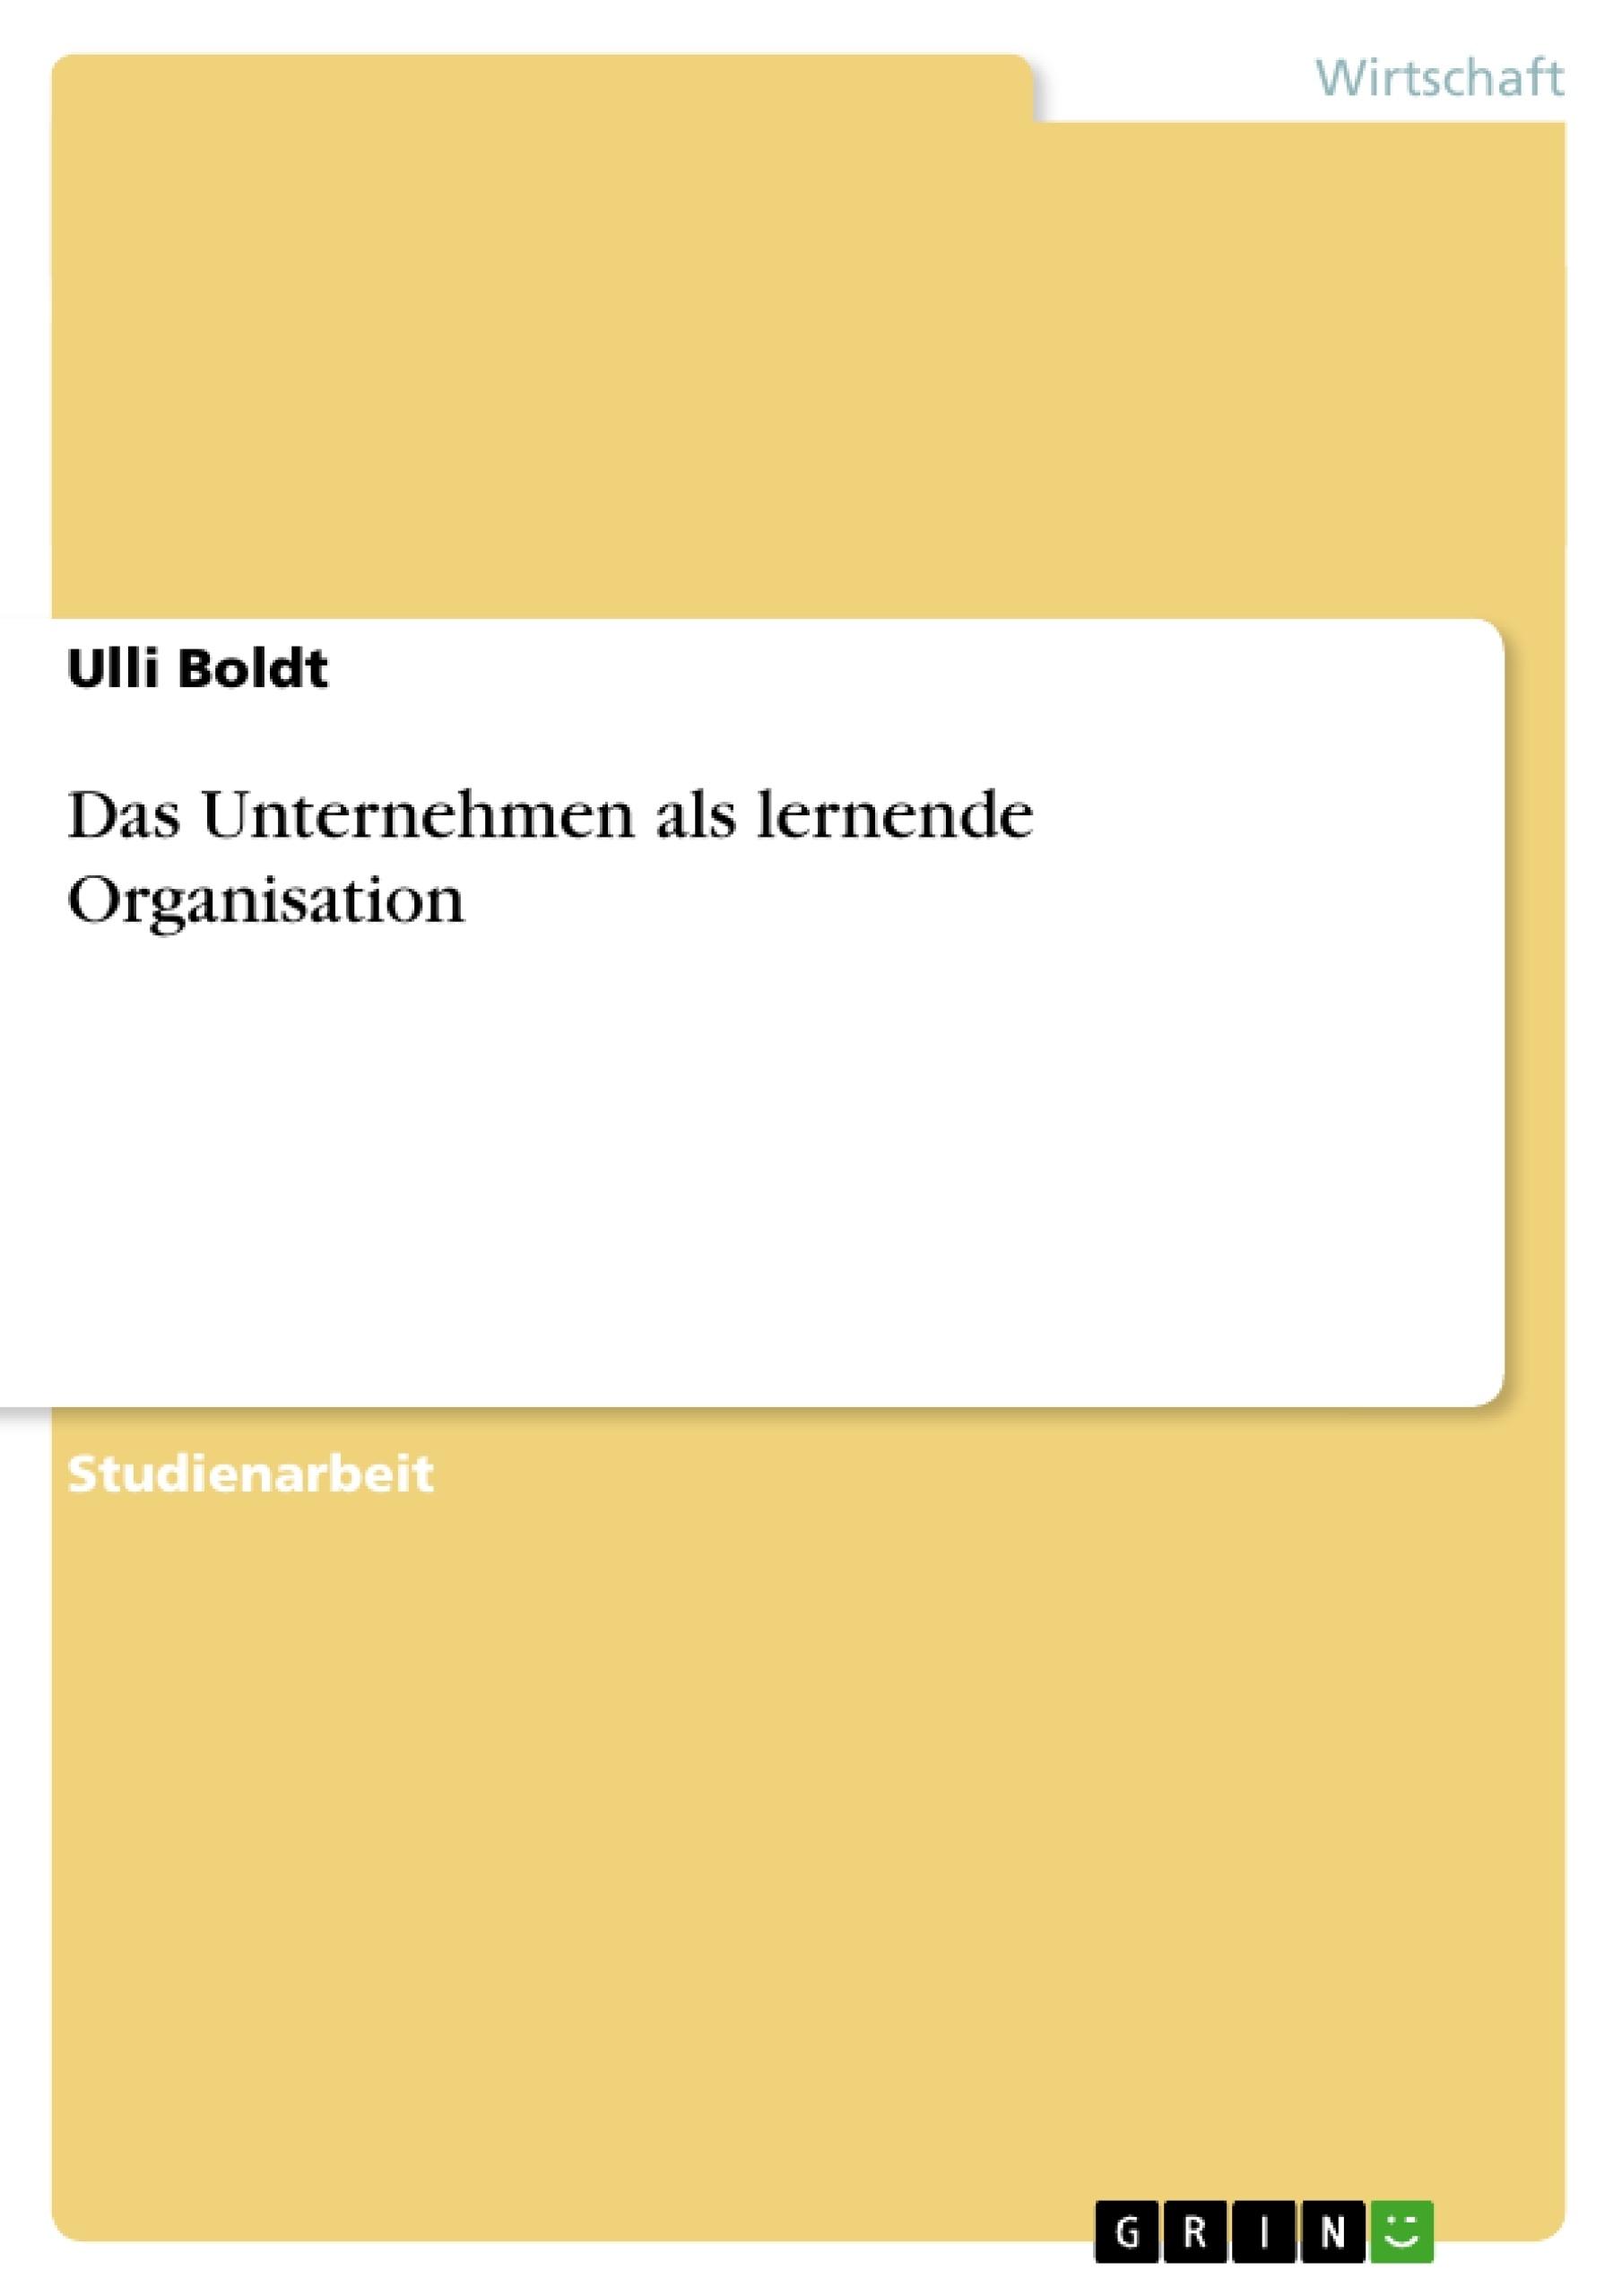 Titel: Das Unternehmen als lernende Organisation